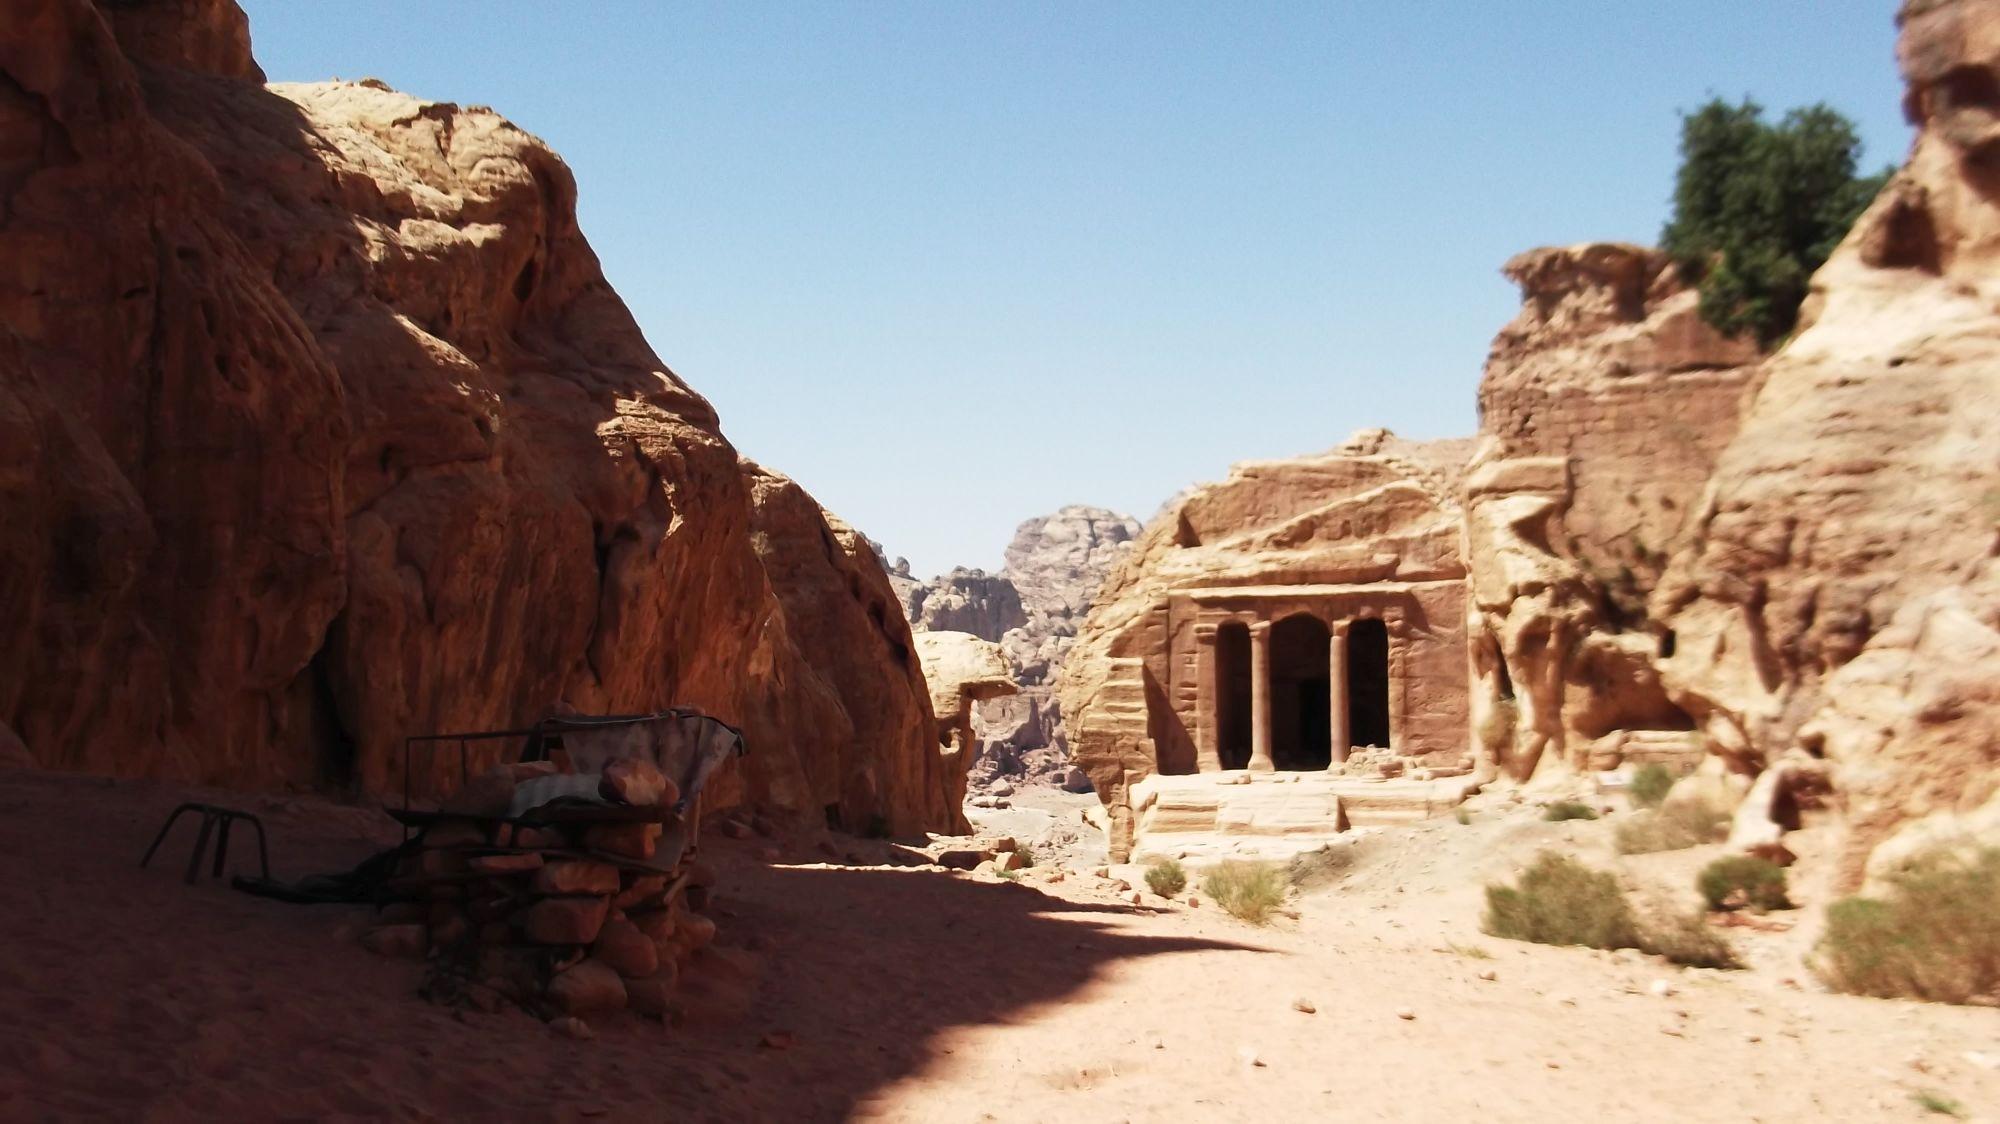 Jordania - Petra część 2 - zdjęcia, atrakcje - biuro podróży